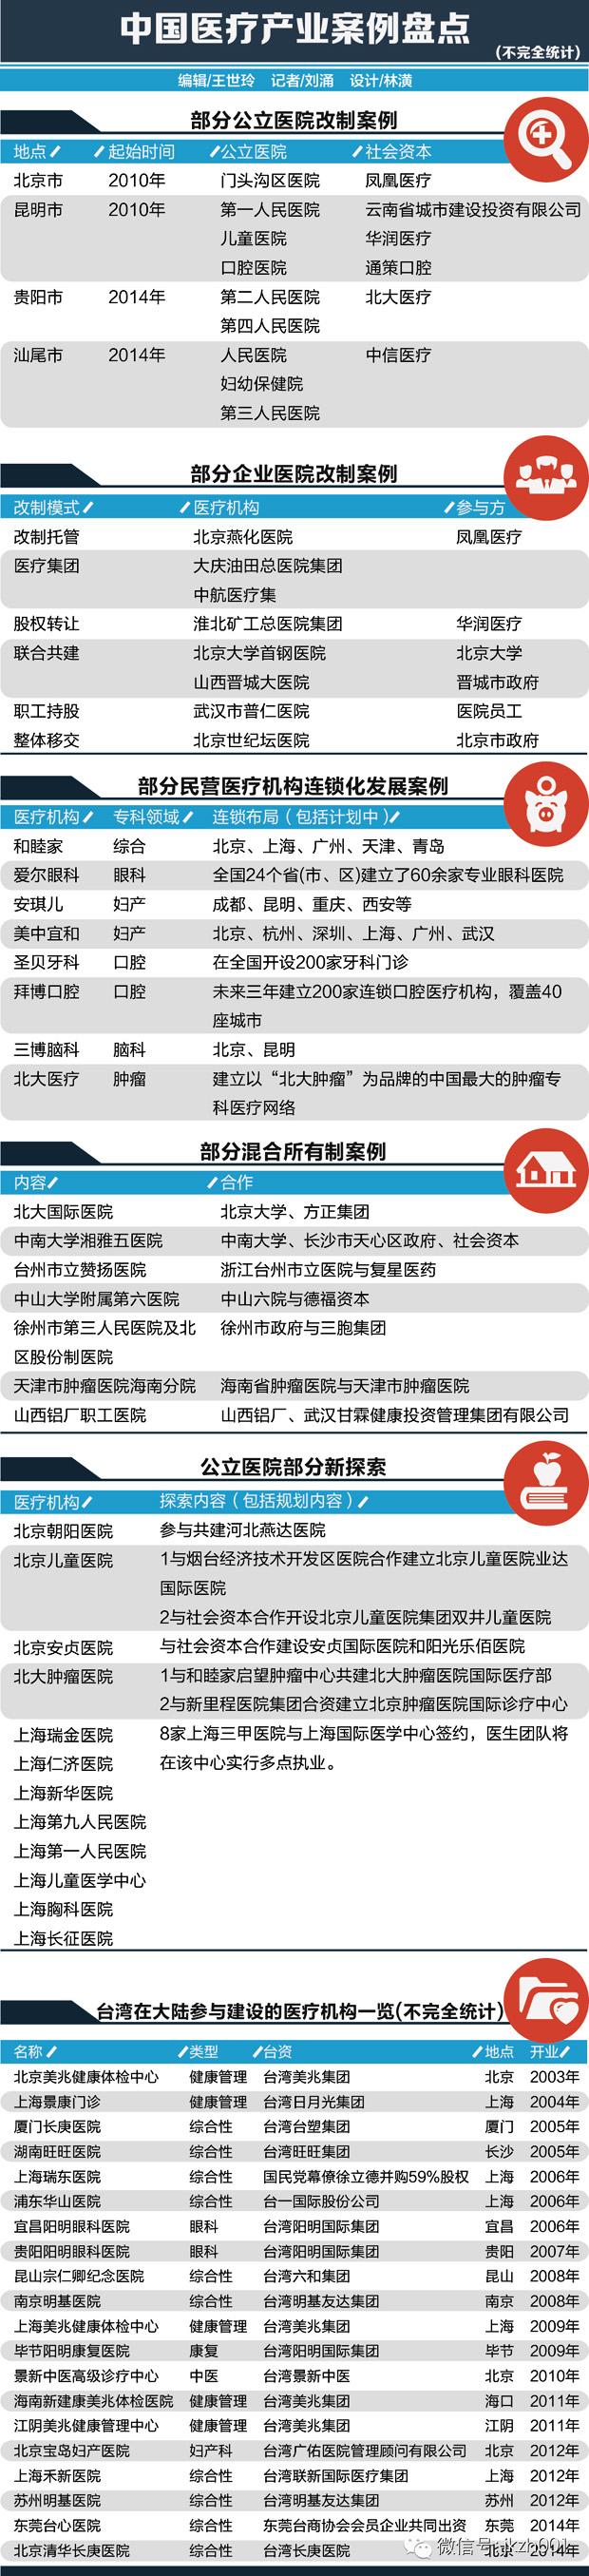 2014年,中国医疗健康产业的变革年代